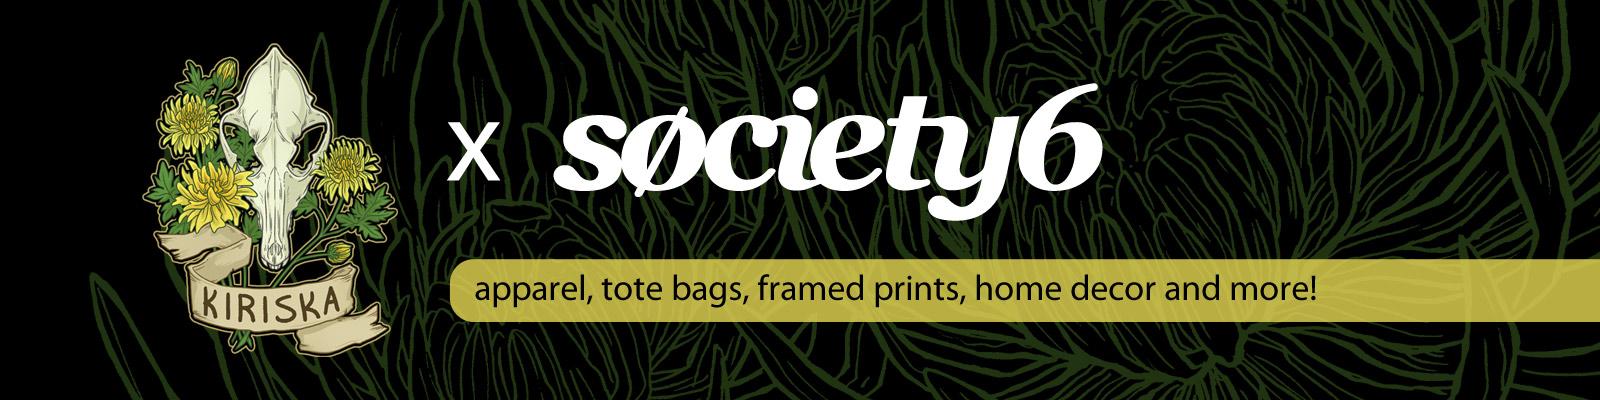 Print on demand via SOCIETY6